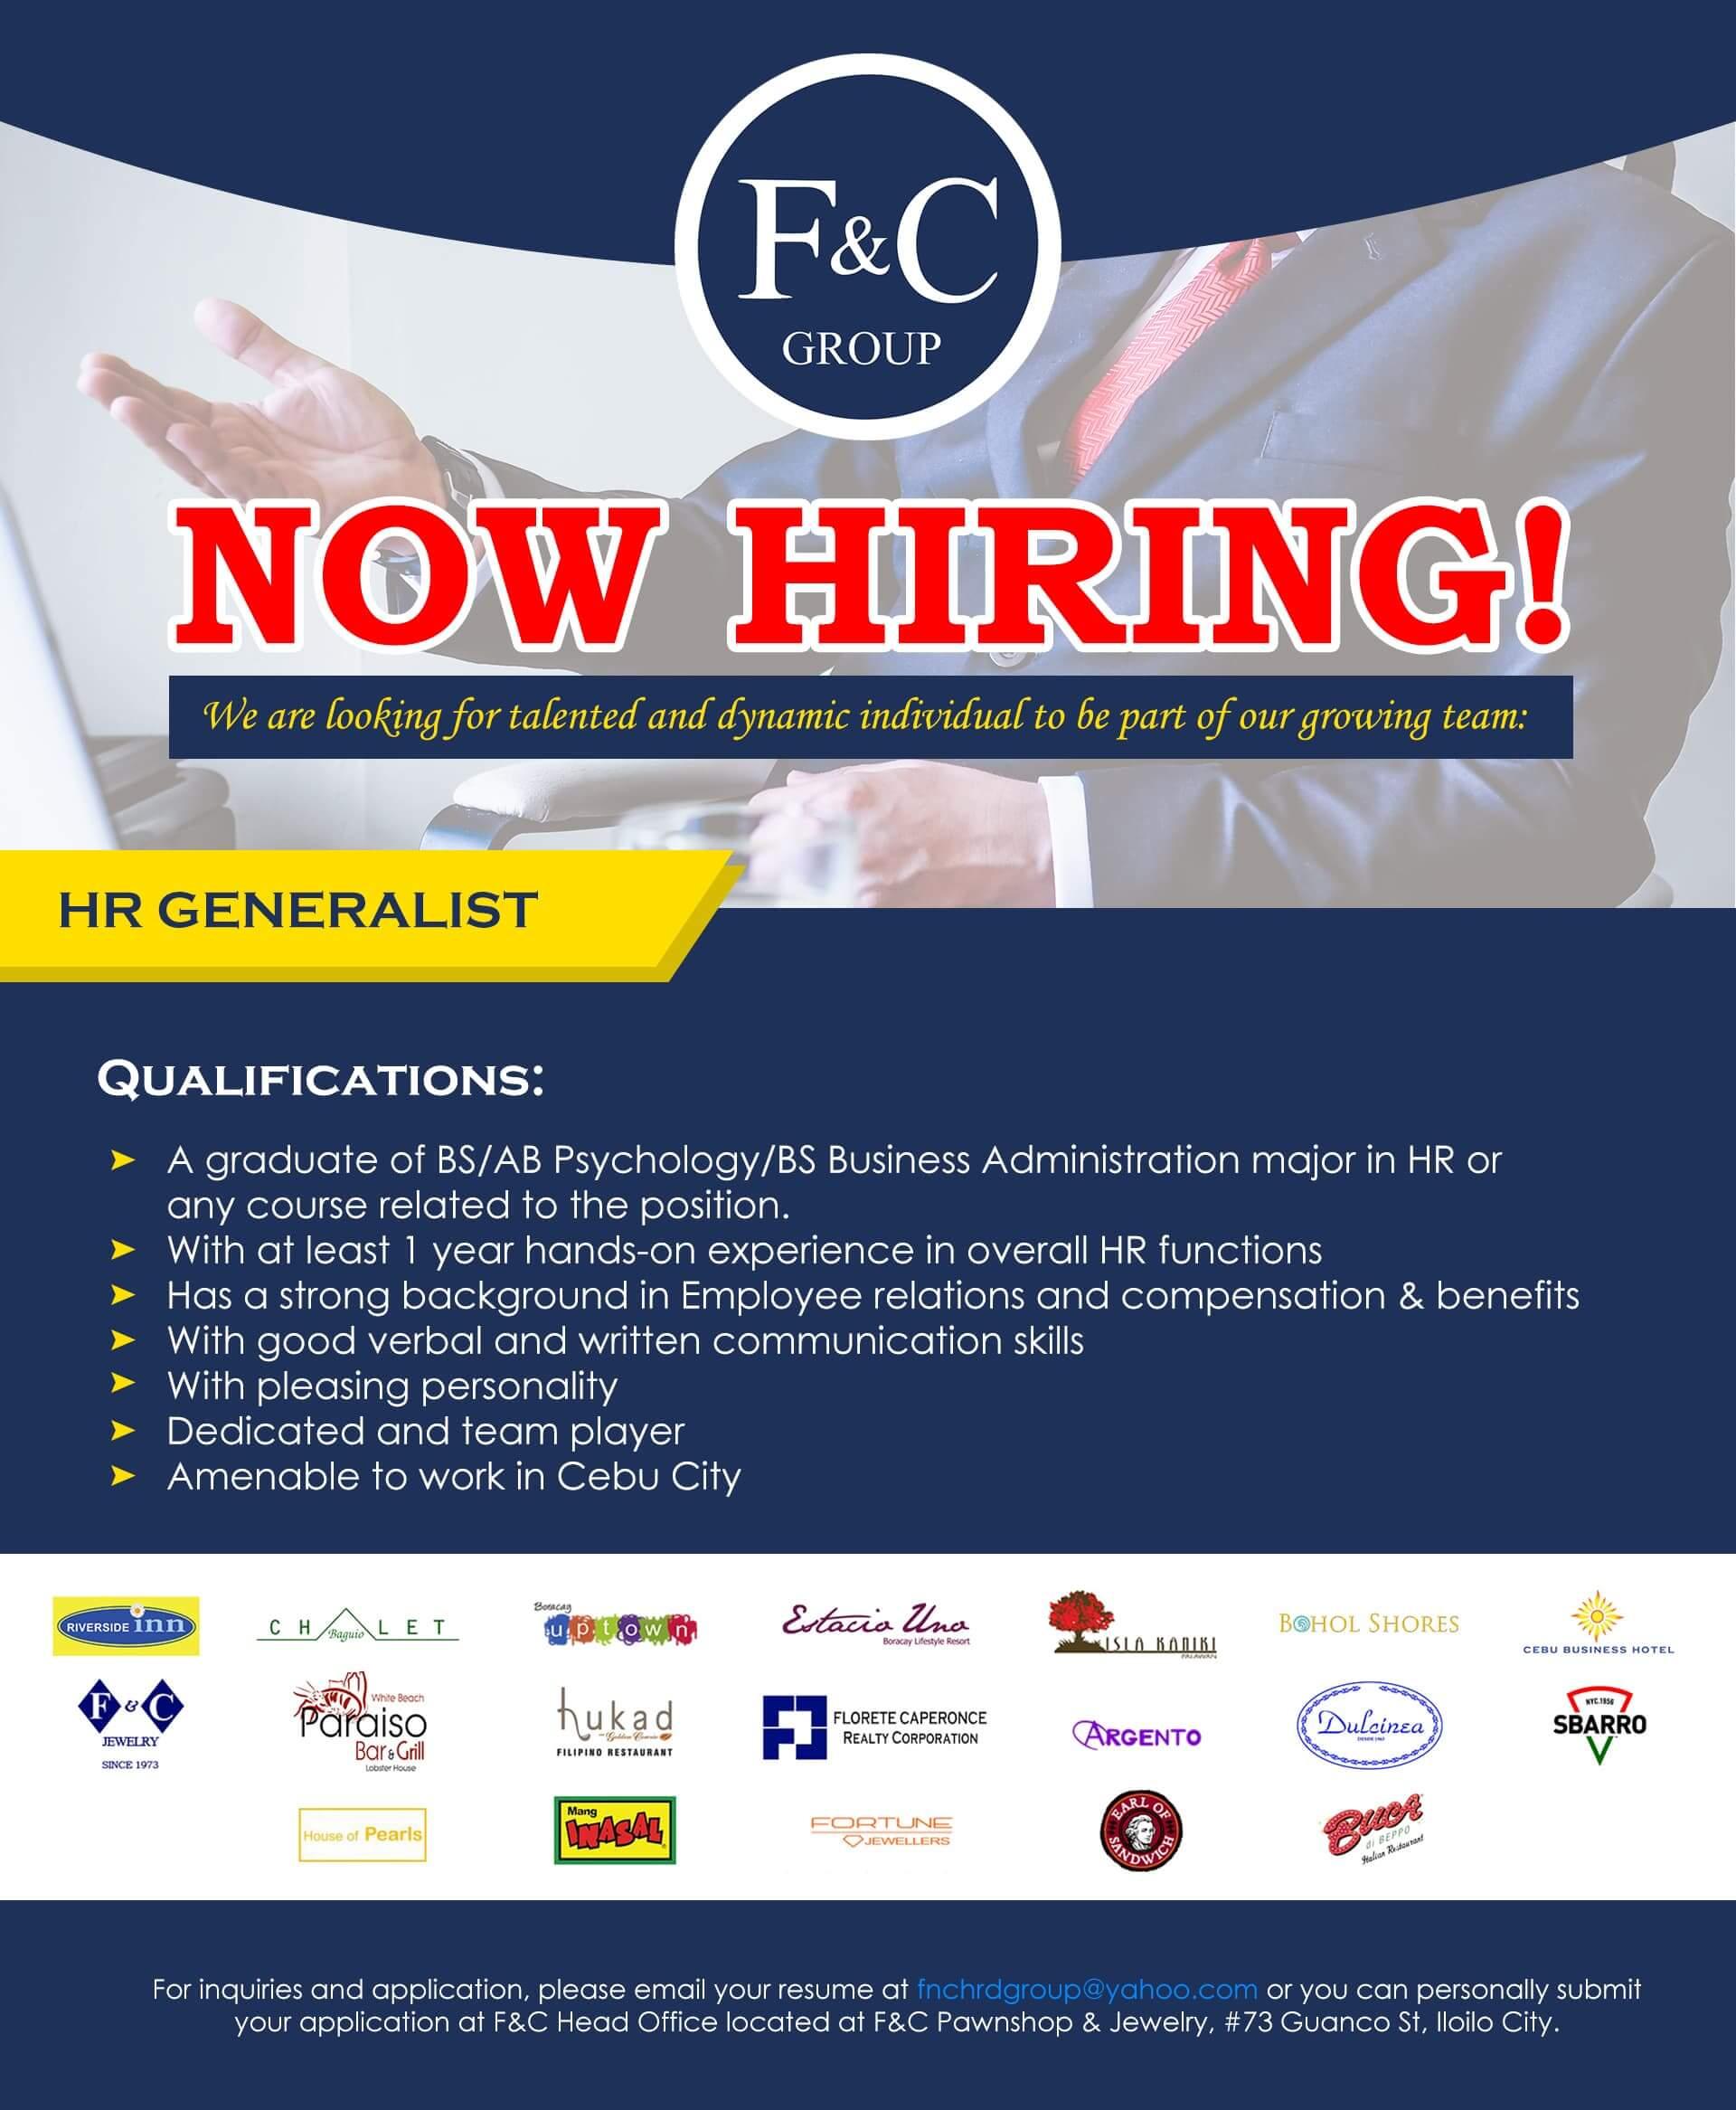 fncgroup-careers-hr-generalist